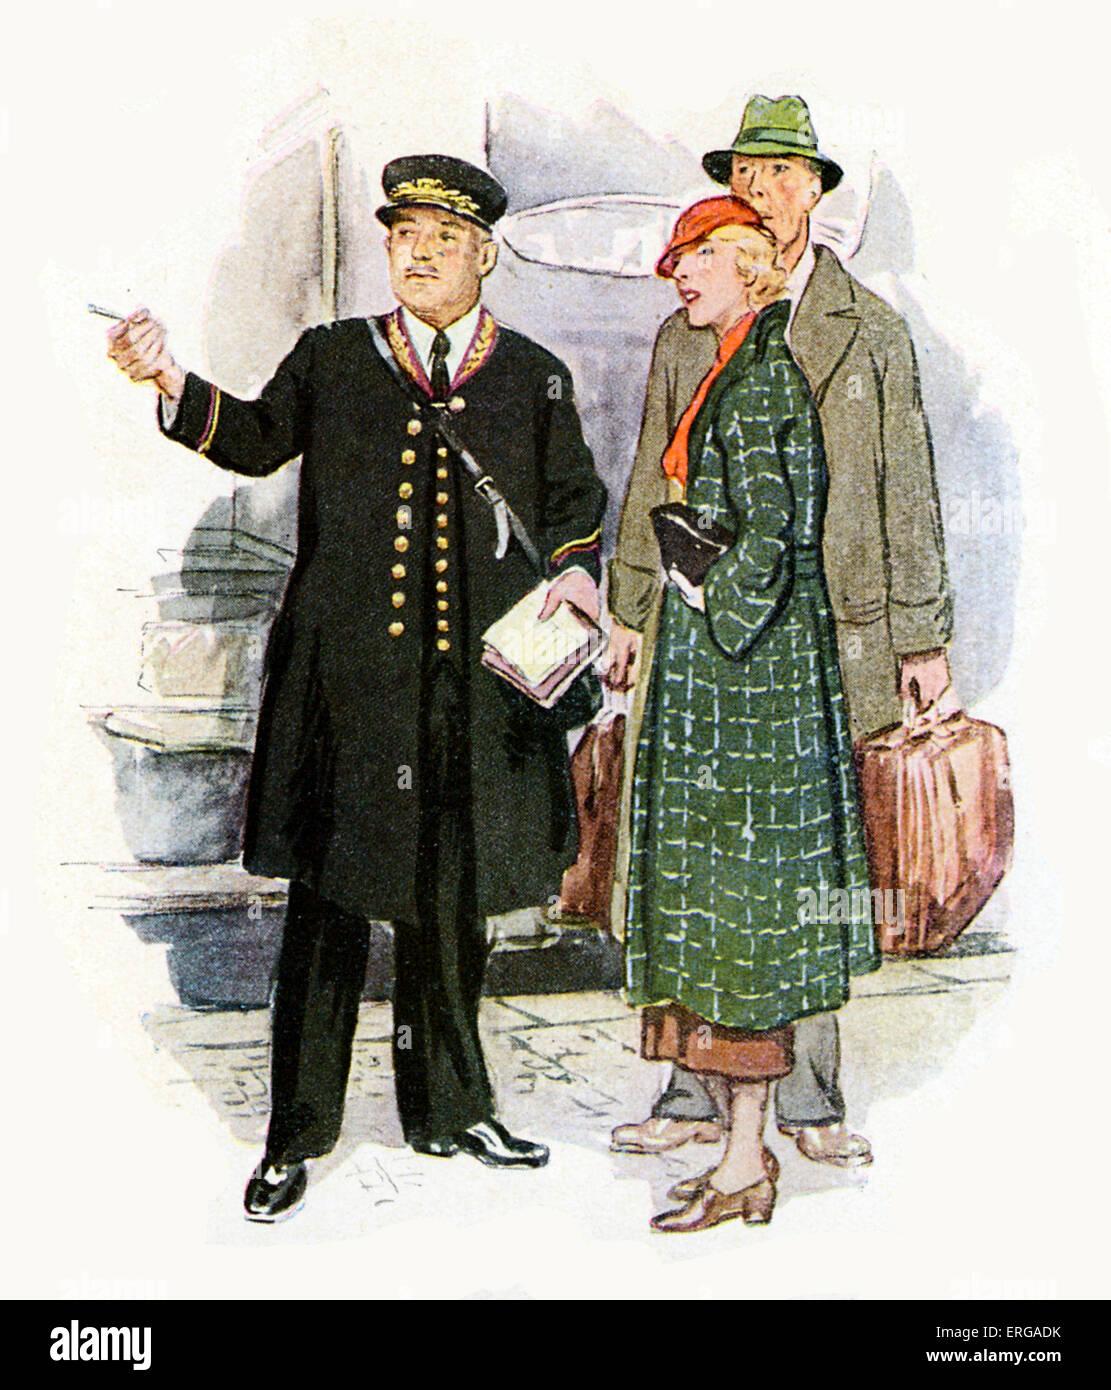 Los uniformes del personal de ferrocarriles franceses, 1920-30s: controlador de trenes de pasajeros. Imagen De Stock